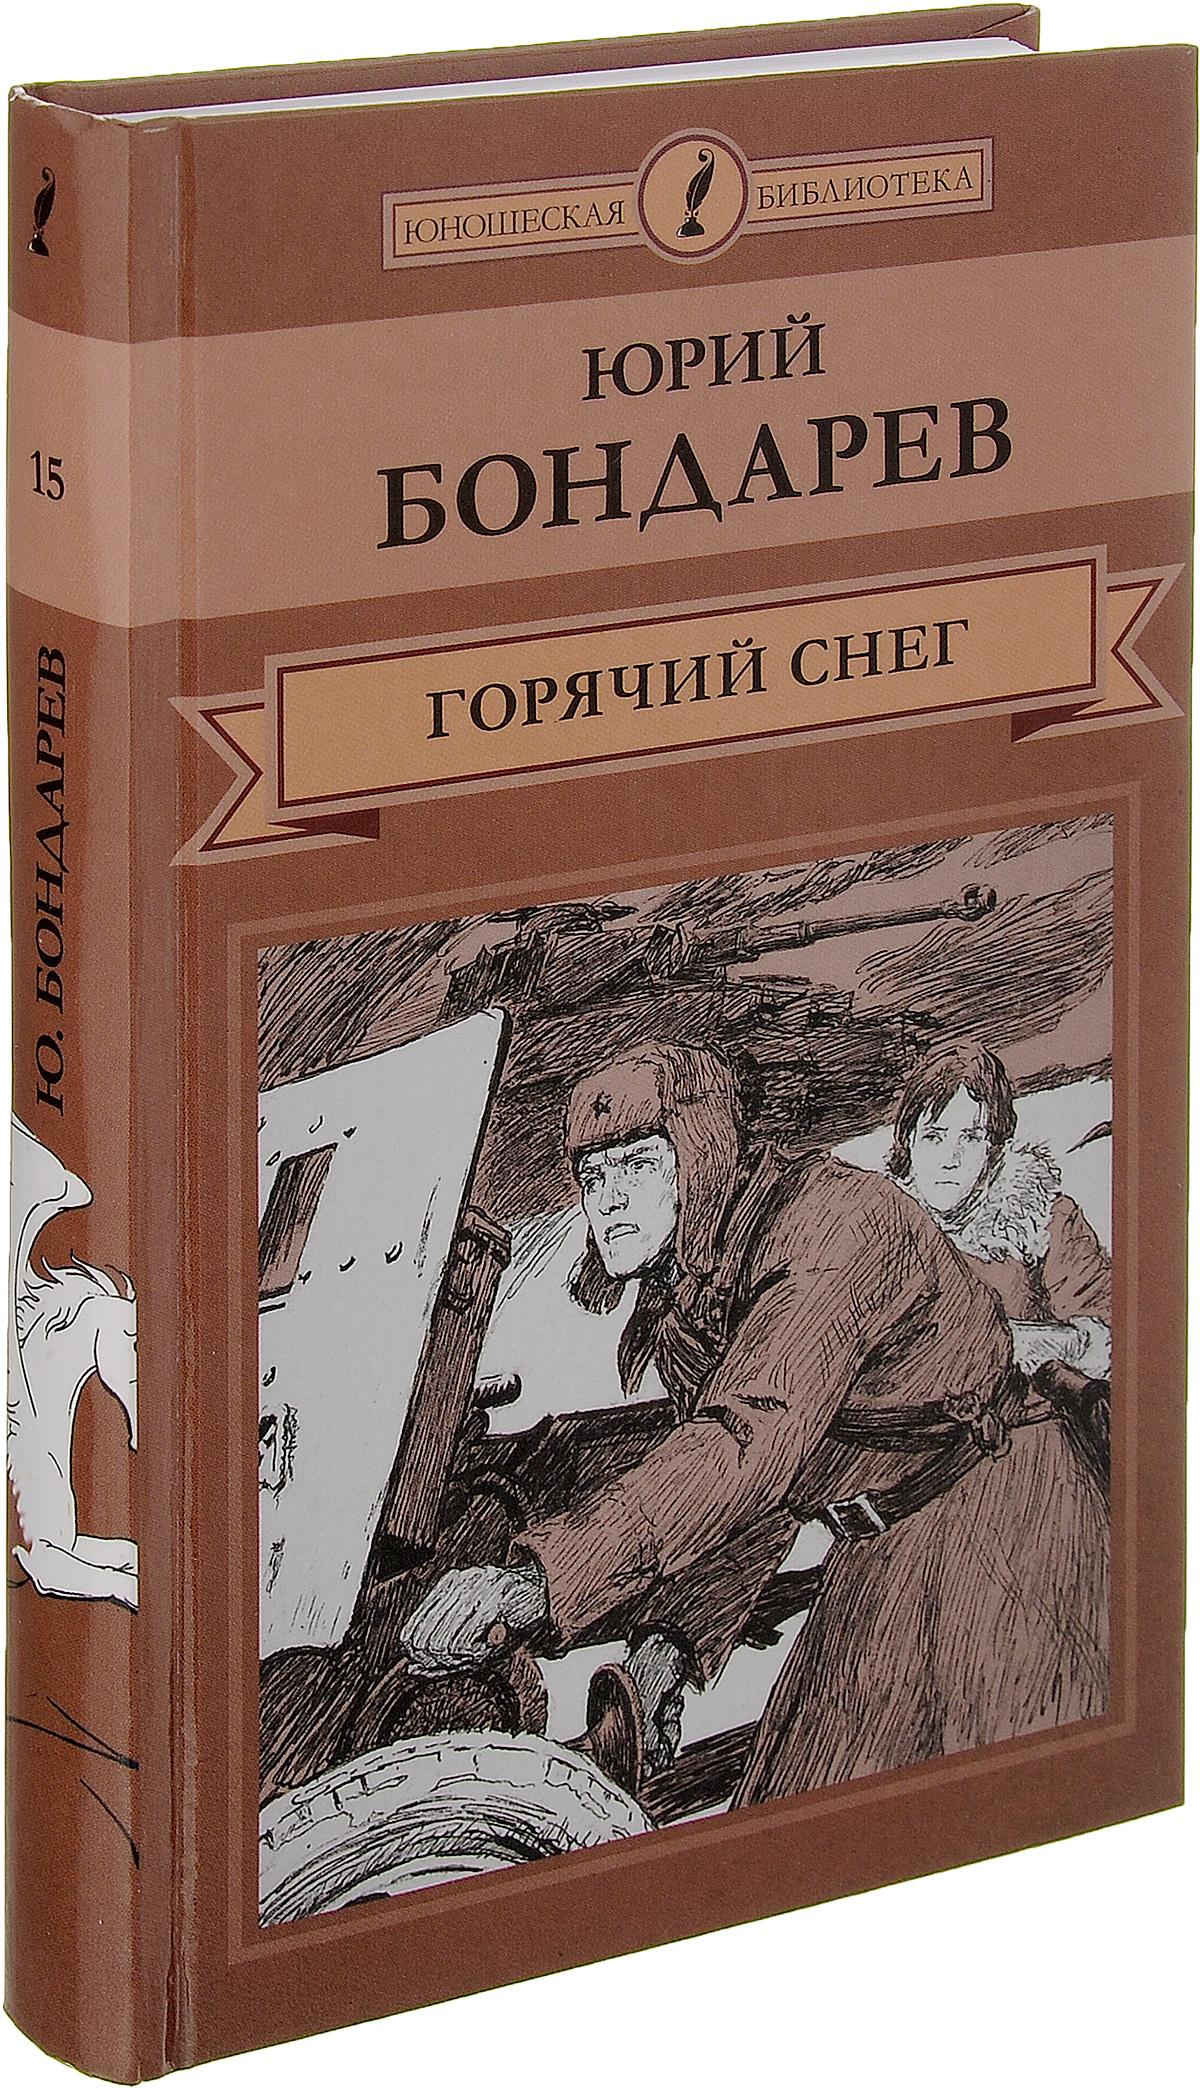 Иллюстрация к книге мгновения ю бондарева